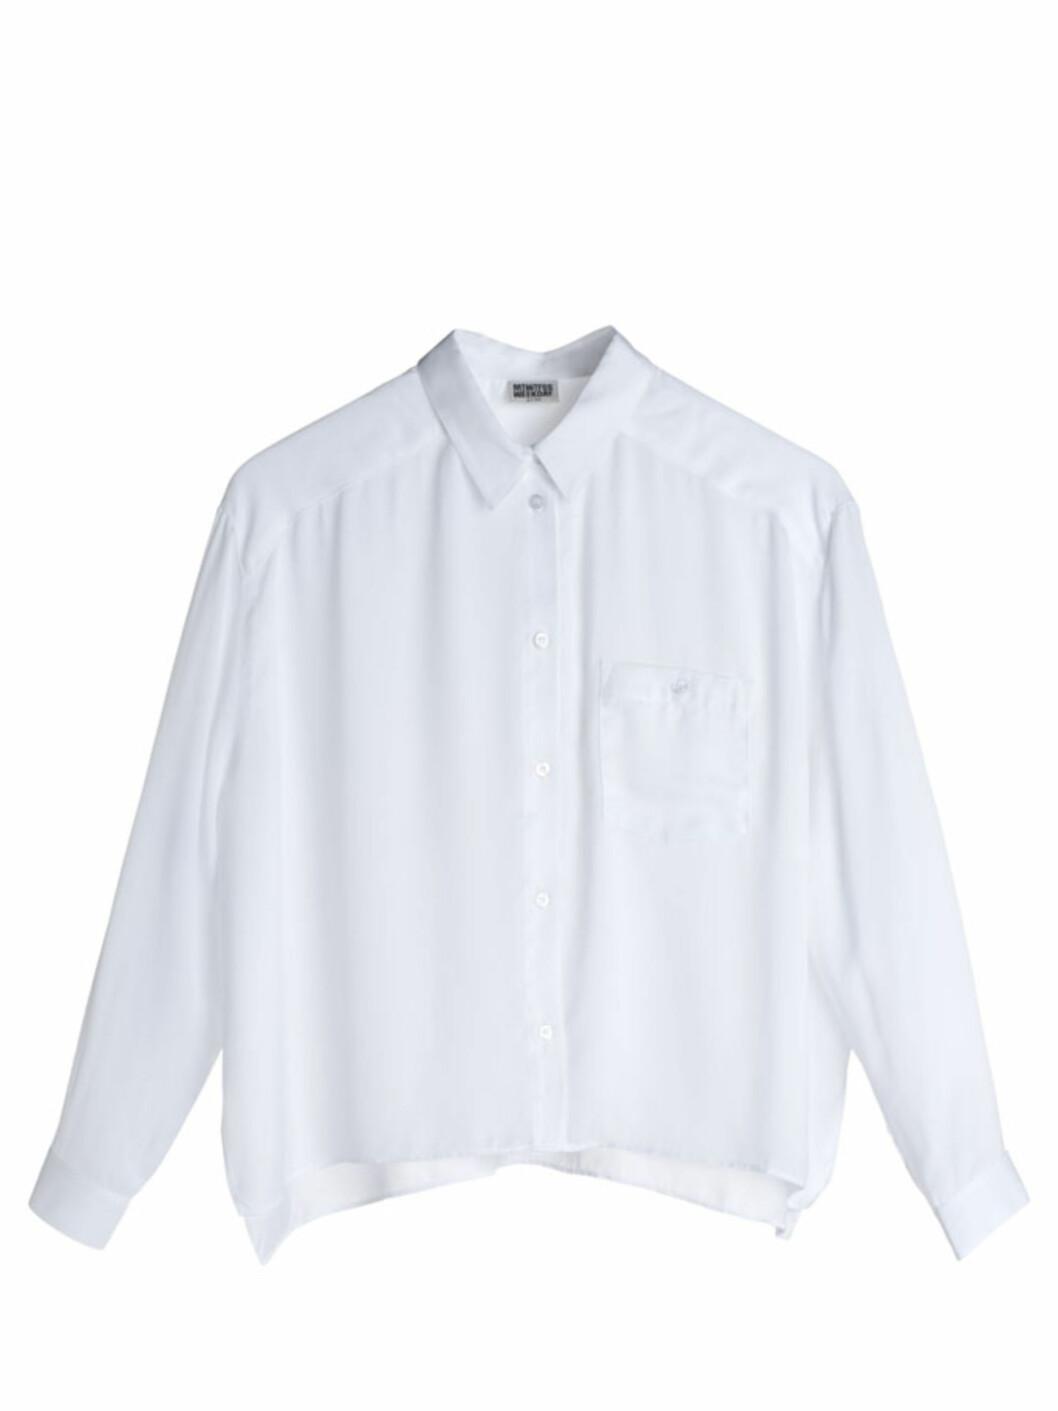 Skjorte med liten lomme på brystet (kr.400/Weekday). Foto: Produsenten